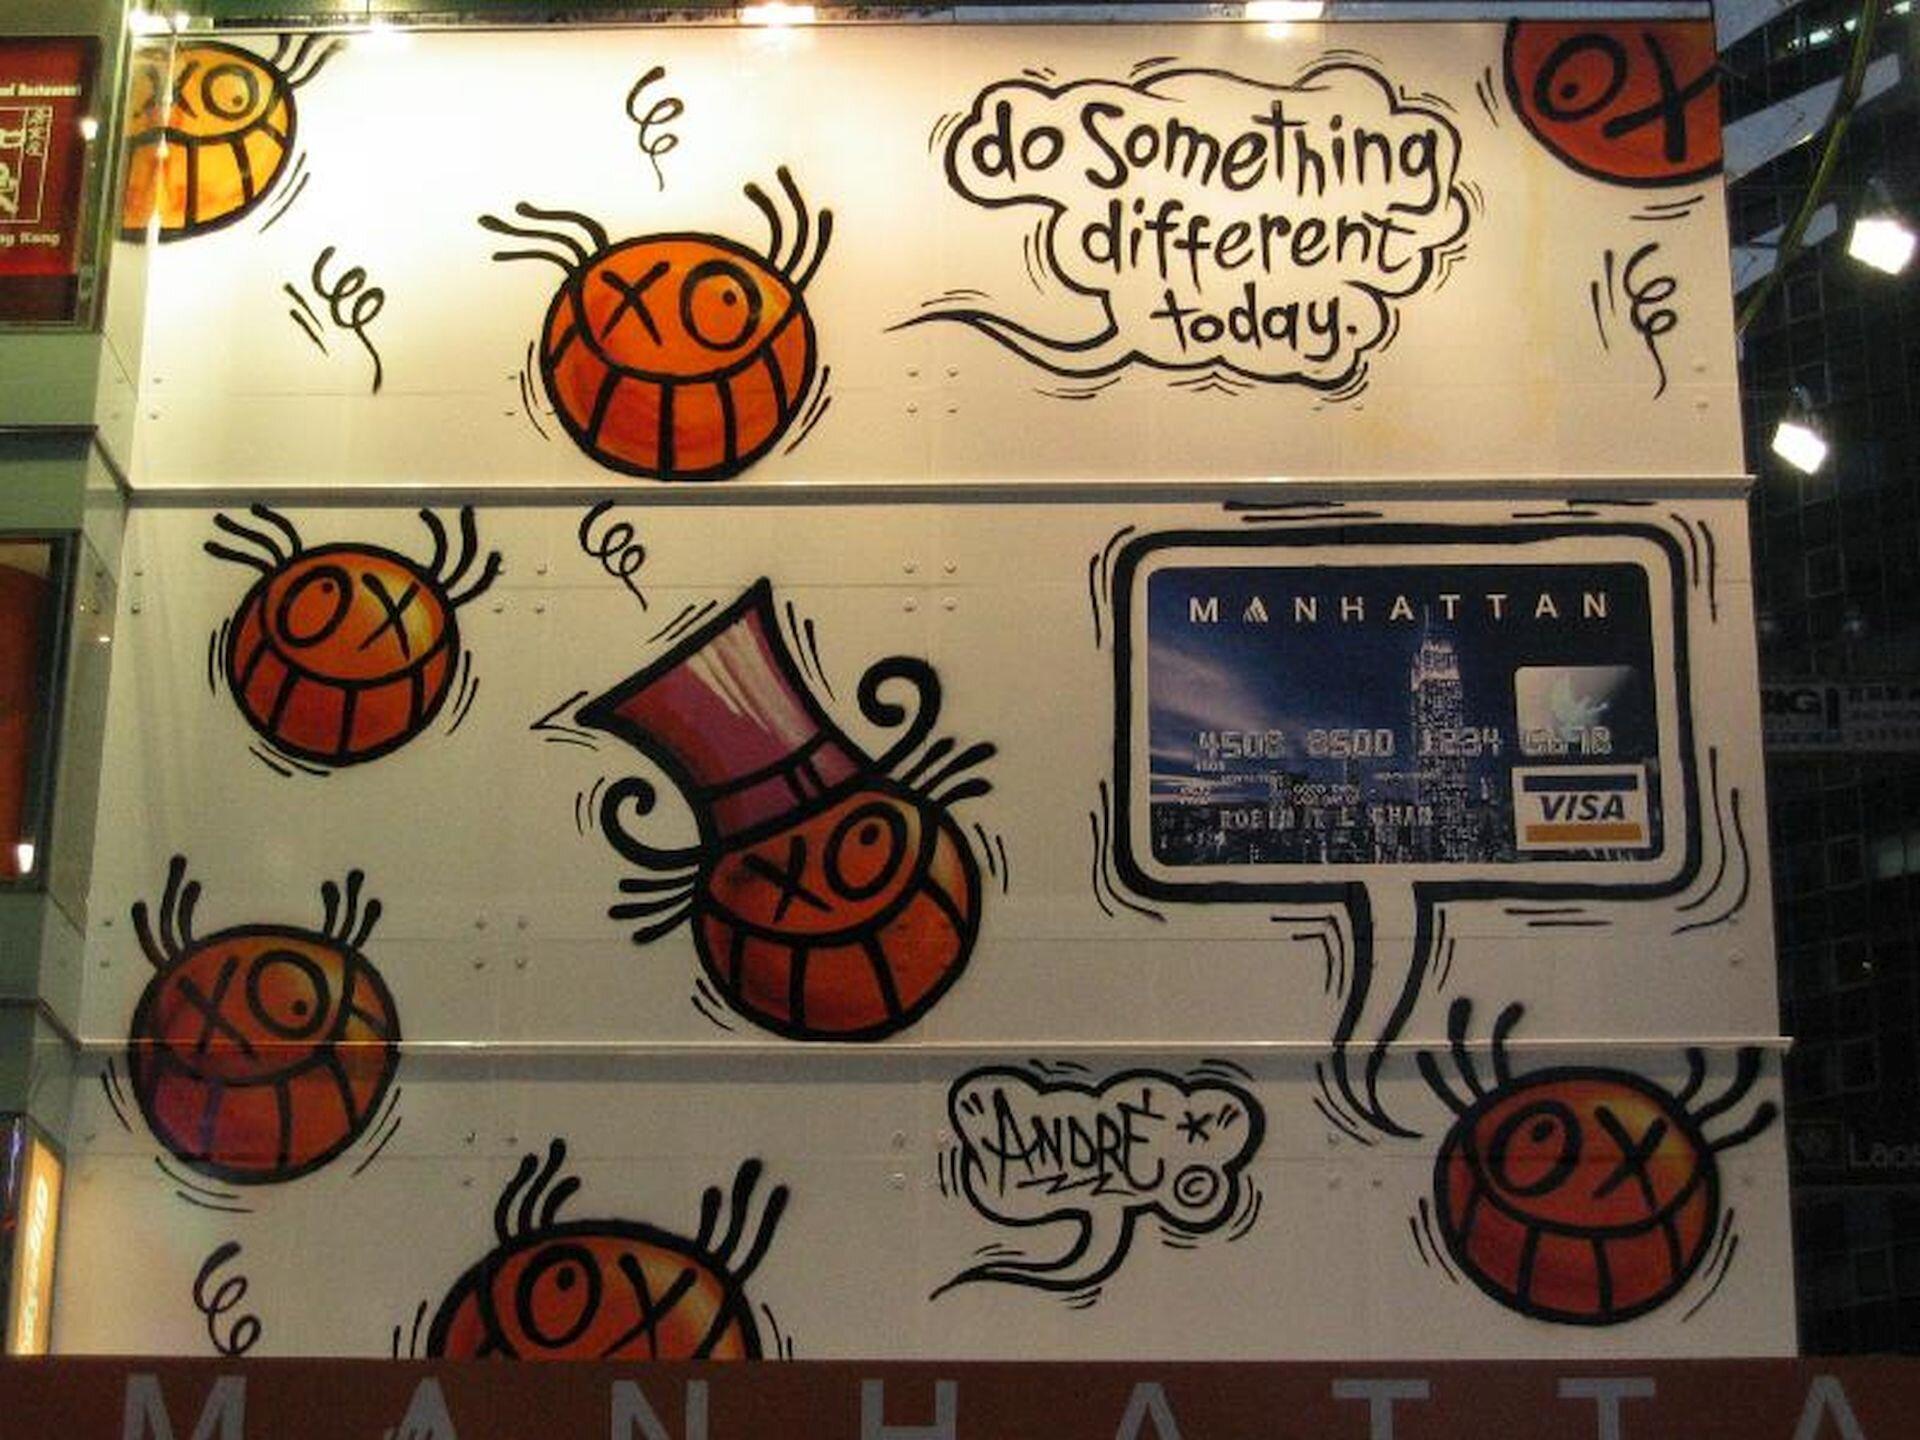 """Ilustracja przedstawia reklamę karty płatniczej wykonaną techniką graffiti. Ukazuje animowane twarze oraz kartę płatniczą, umieszczoną wdymku na białym tle. Symboliczne twarze są pomarańczowe, wszystkie mają znakiem xoznaczone przymknięte oko iszeroki uśmiech zzębami. Jedna znich ma na głowie cylinder. Na karcie bankomatowej widnieje napis """"Manhattan"""", powyżej namalowana jest chmurka wktórej zamieszczony jest napis """"Do something different today""""."""